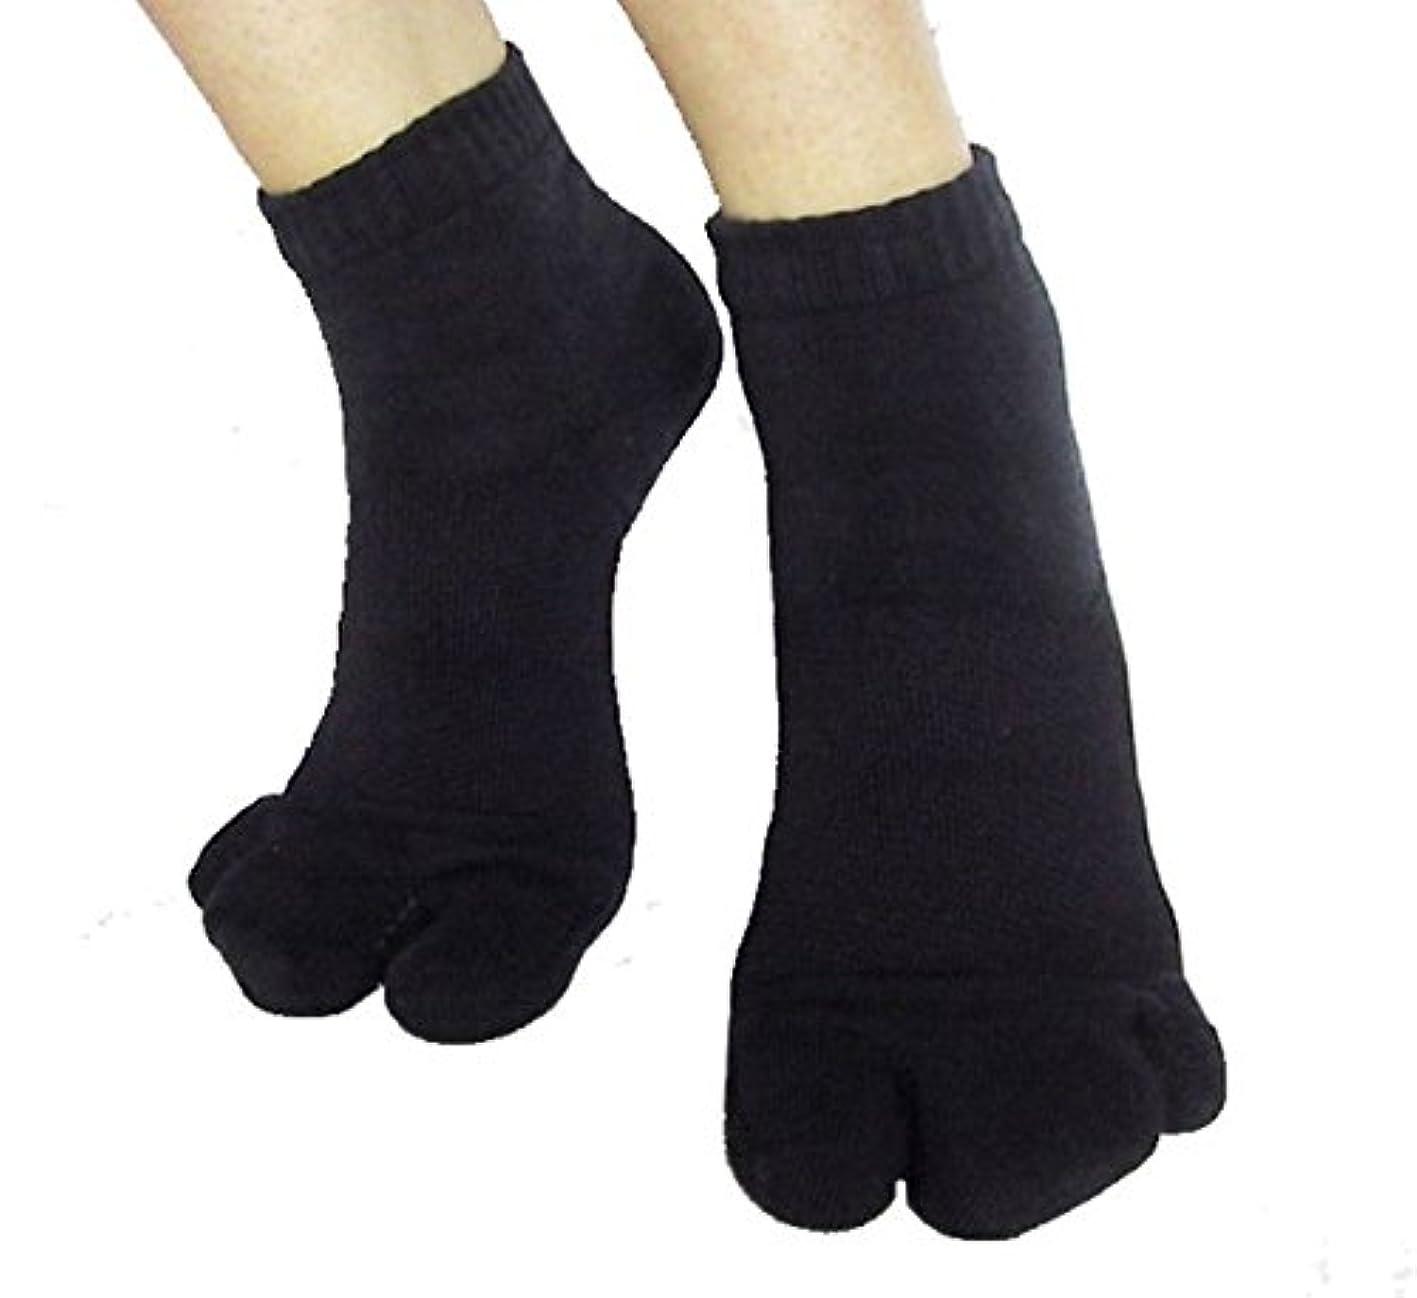 反対するテラス宙返りカサハラ式サポーター ホソックス3本指テーピング靴下 ブラック S22-23cm